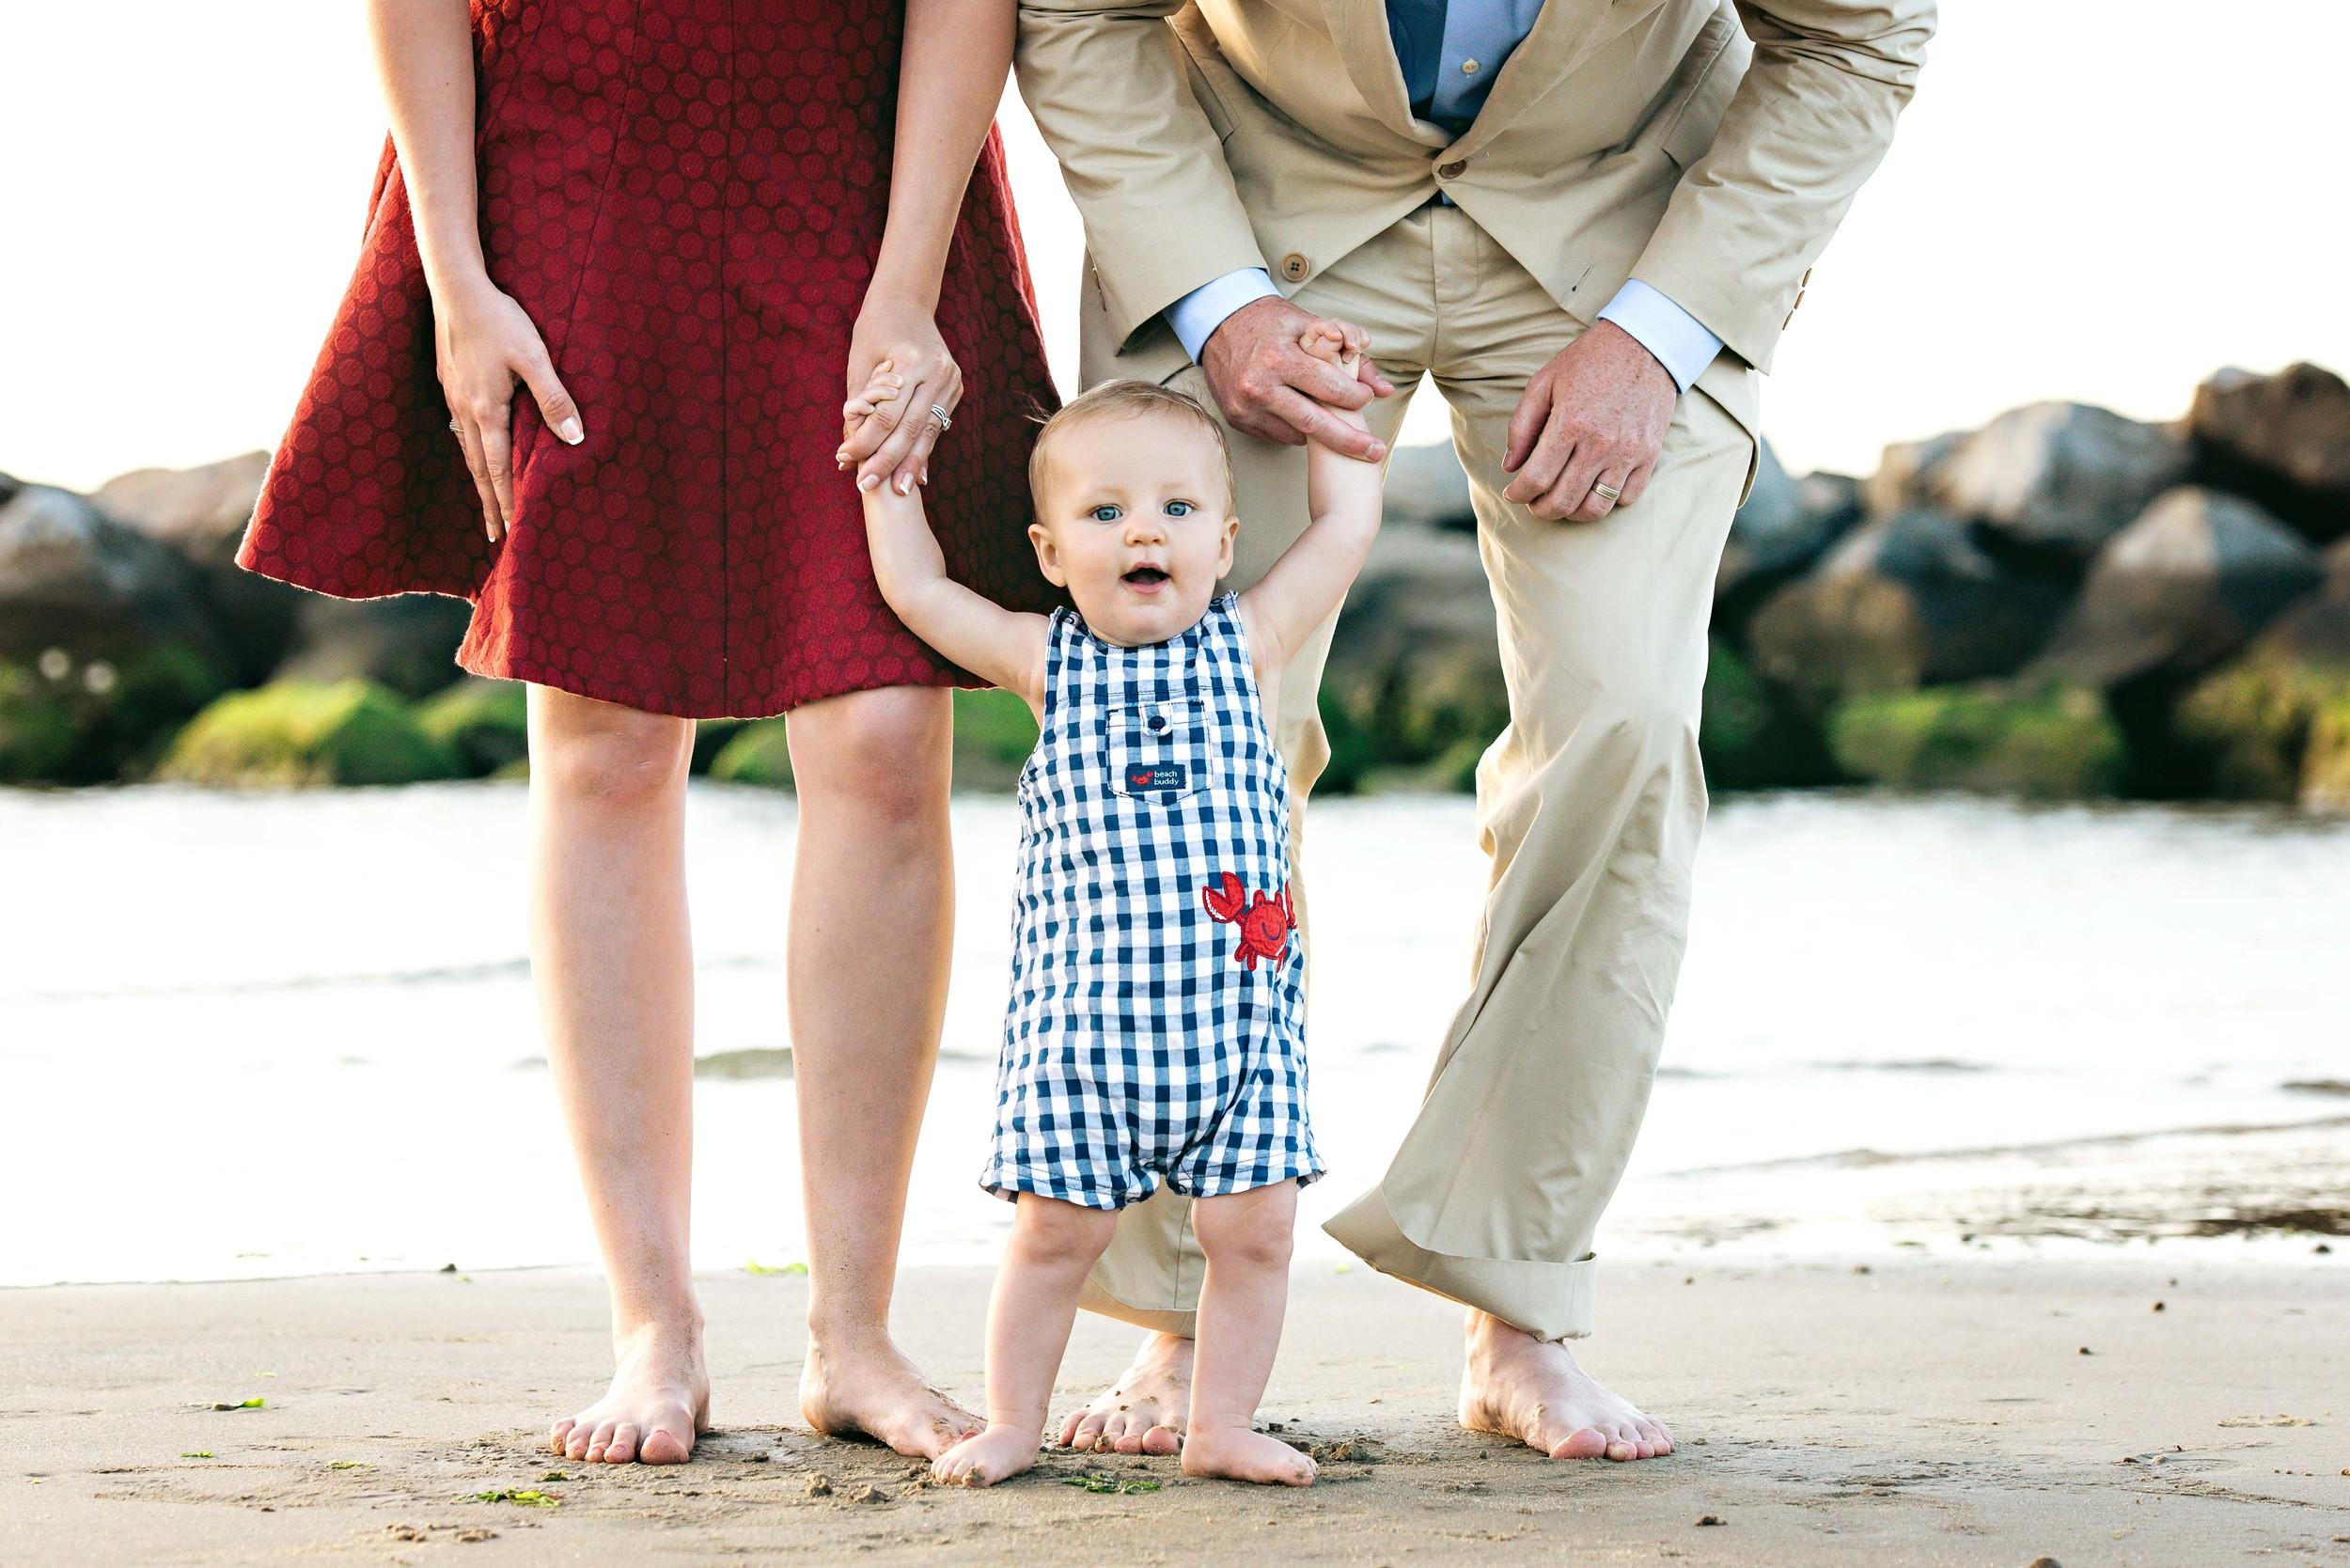 virginia-beach-family-vacation-photos-sandbridge-beach-photographer-melissa-bliss-photography-family-lifestyle-photographers